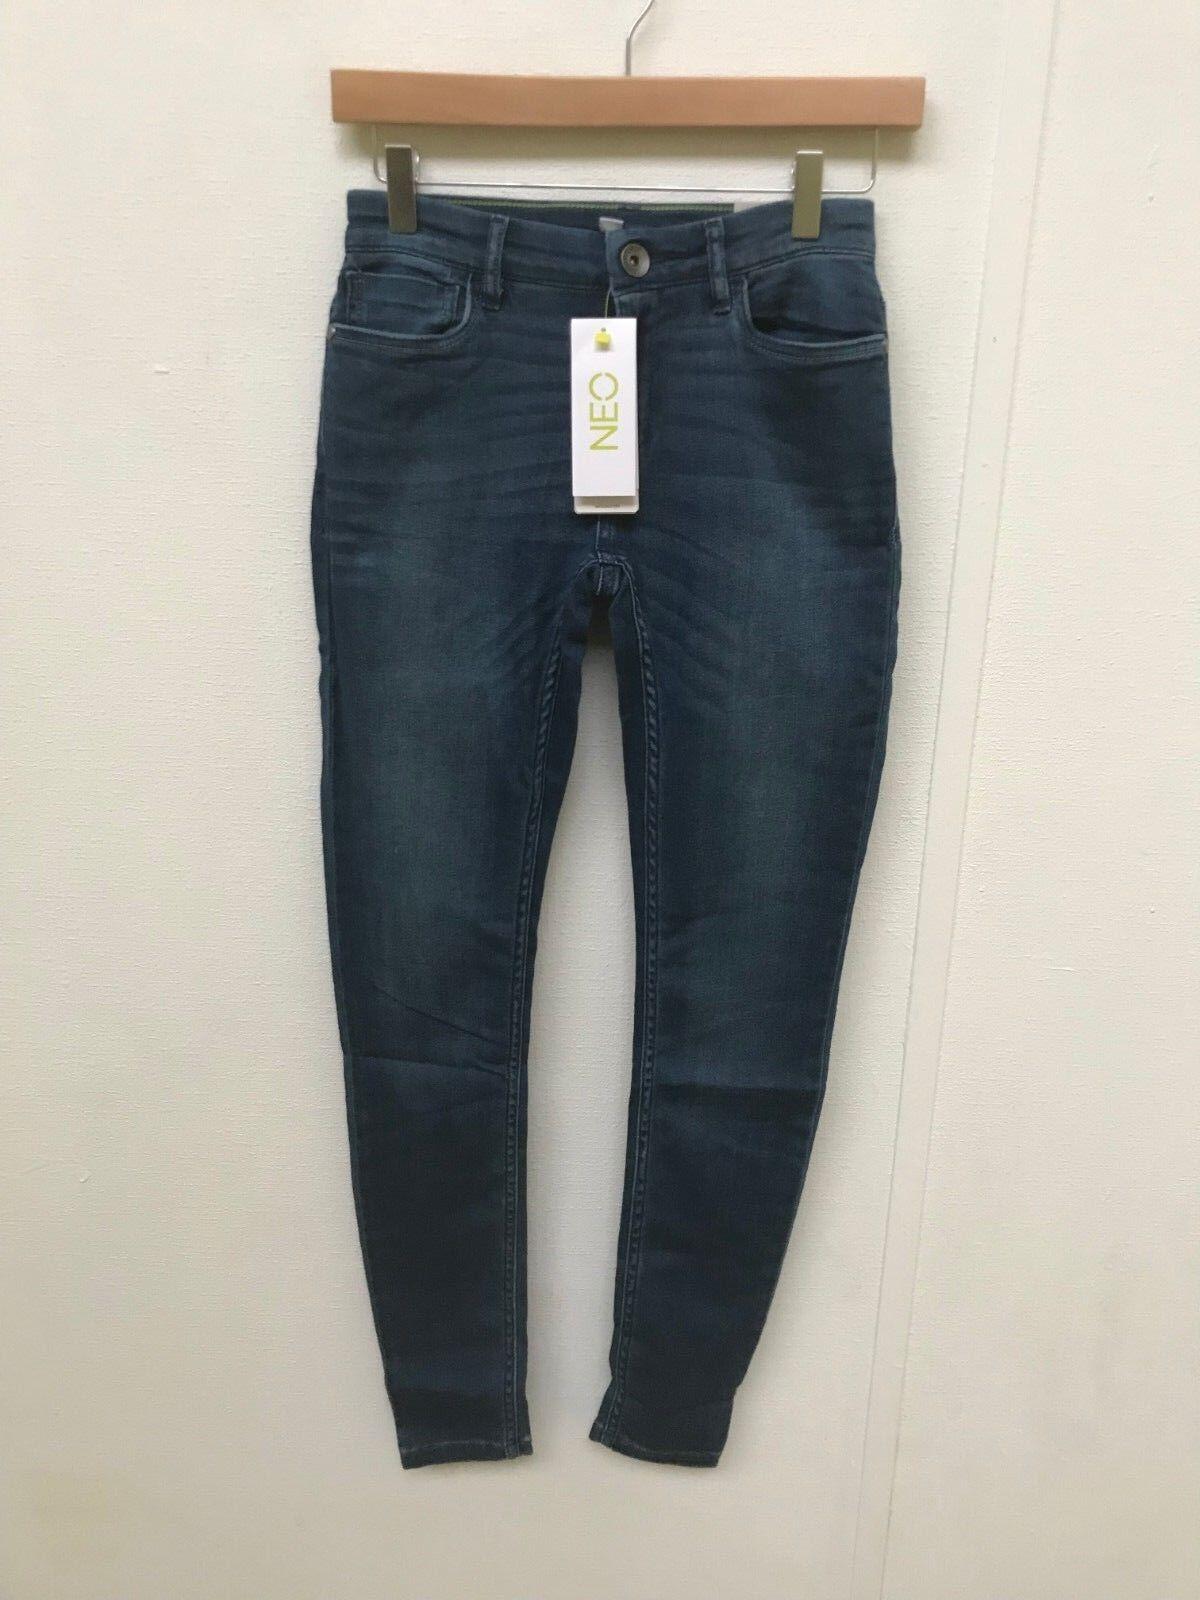 adidas NEO Női Super Skinny Fit Jeans - W26 L30 - Denim - Új